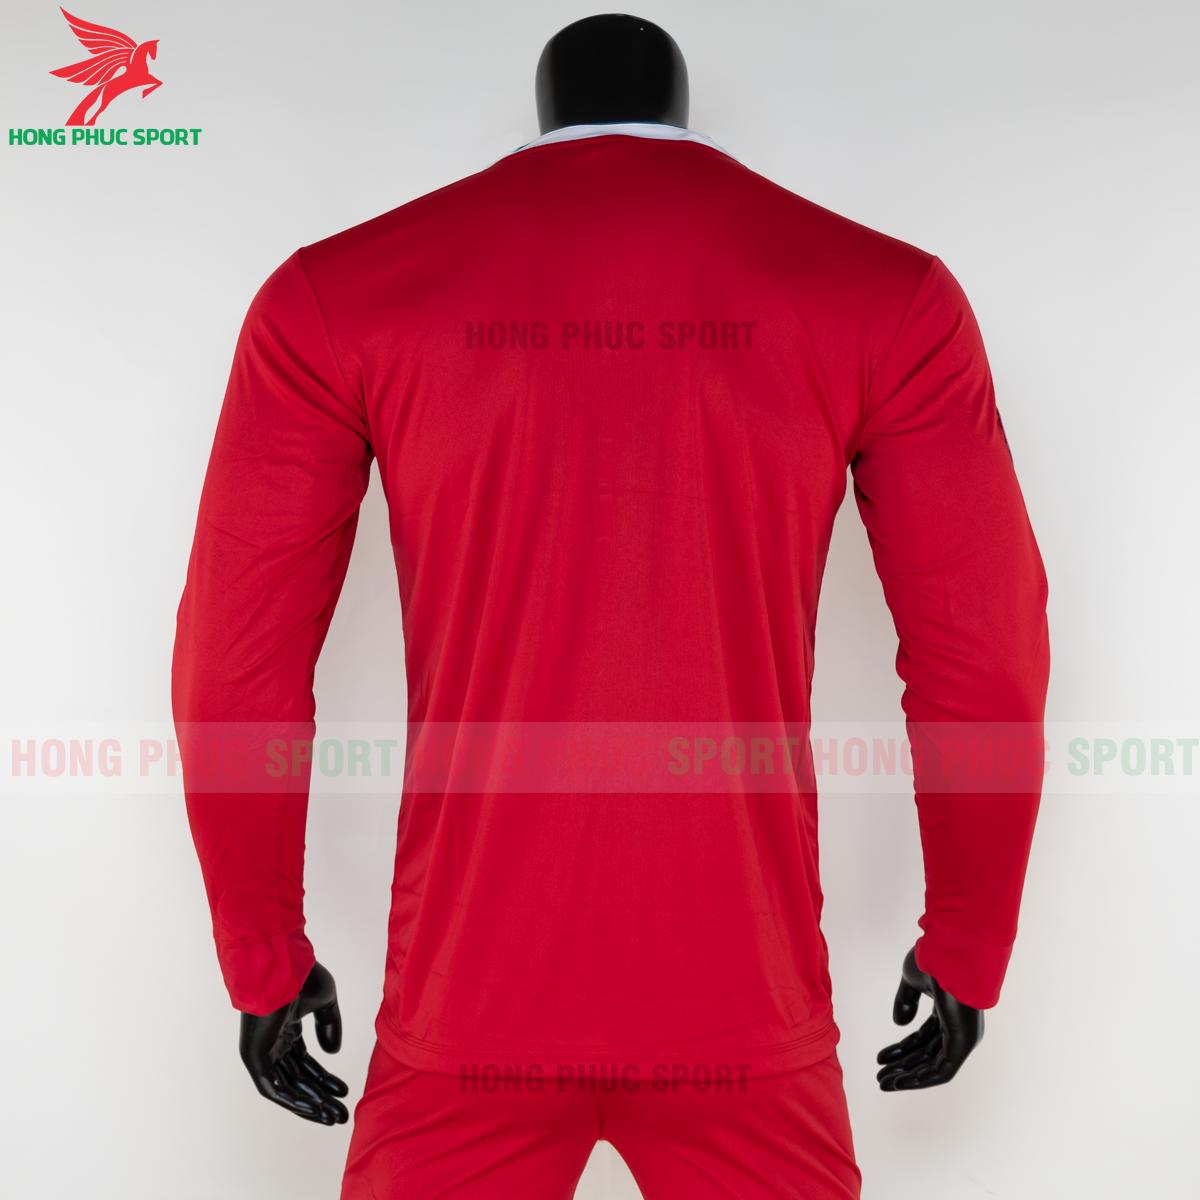 https://cdn.hongphucsport.com/unsafe/s4.shopbay.vn/files/285/ao-dai-tay-liverpool-2020-san-nha-7-5f8fbf9579c19.png